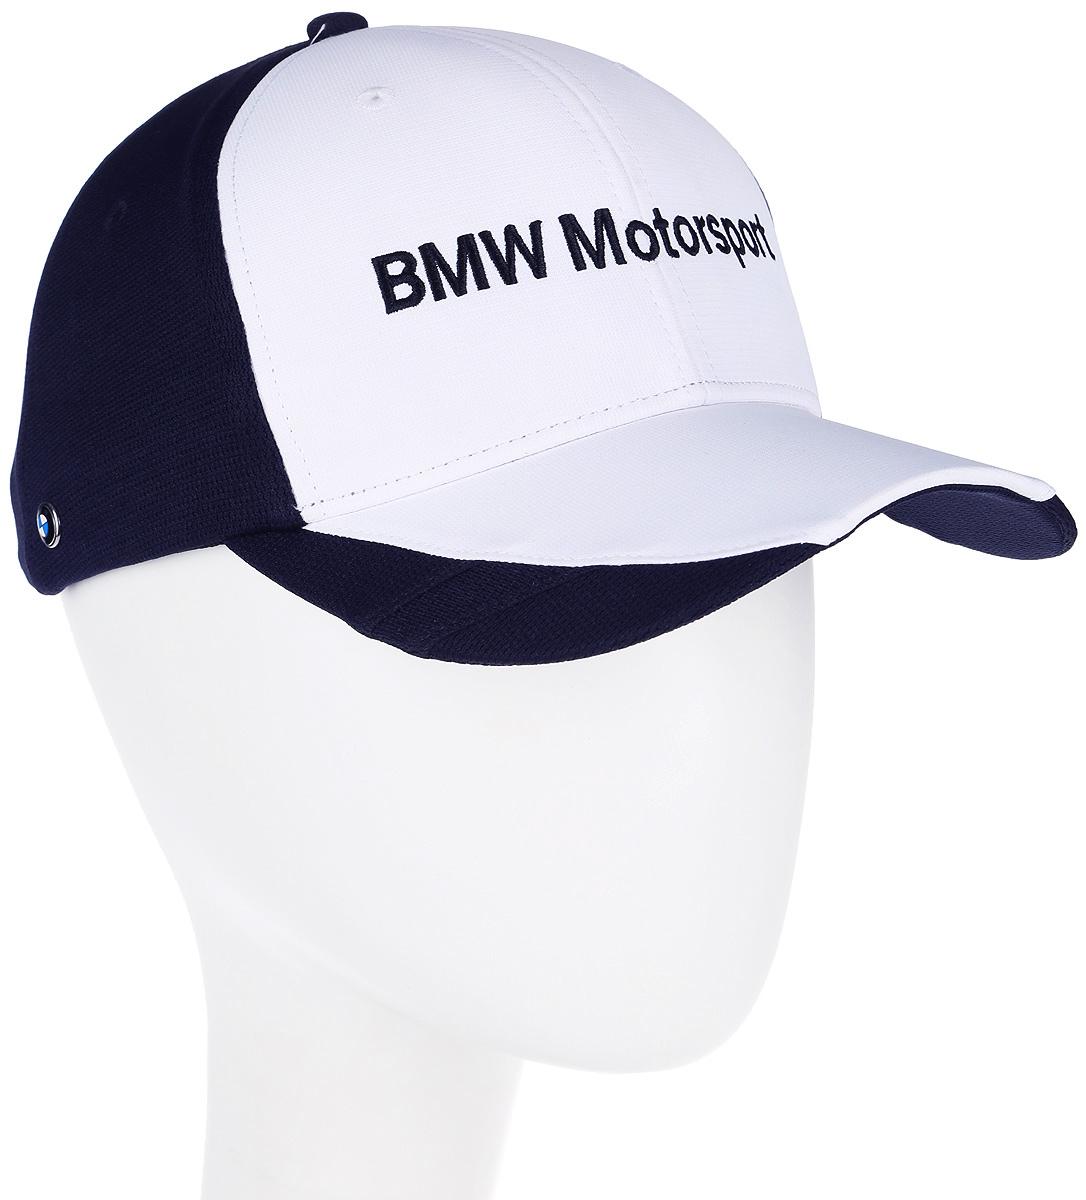 Бейсболка Puma BMW MTS sharknose cap, цвет: белый, синий. 021164_01. Размер универсальный021164_01Бейсболка BMW MTS sharknose cap с изогнутым козырьком изготовлена из практичного и износостойкого полиэстера и оснащена хлопковой тесьмой для впитывания излишков влаги. Вентиляция обеспечивается специальными вышитыми люверсами на всей поверхности бейсболки и сетчатыми вставками сзади. Внутренняя часть козырька также снабжена сетчатой вставкой. Отрегулировать размер можно с помощью тканевого ремешка с логотипом на задней части изделия. Модель дополнена вышивкой BMW Motorsport спереди, металлическим элементом с логотипом BMW справа, а также логотипом Puma сзади.